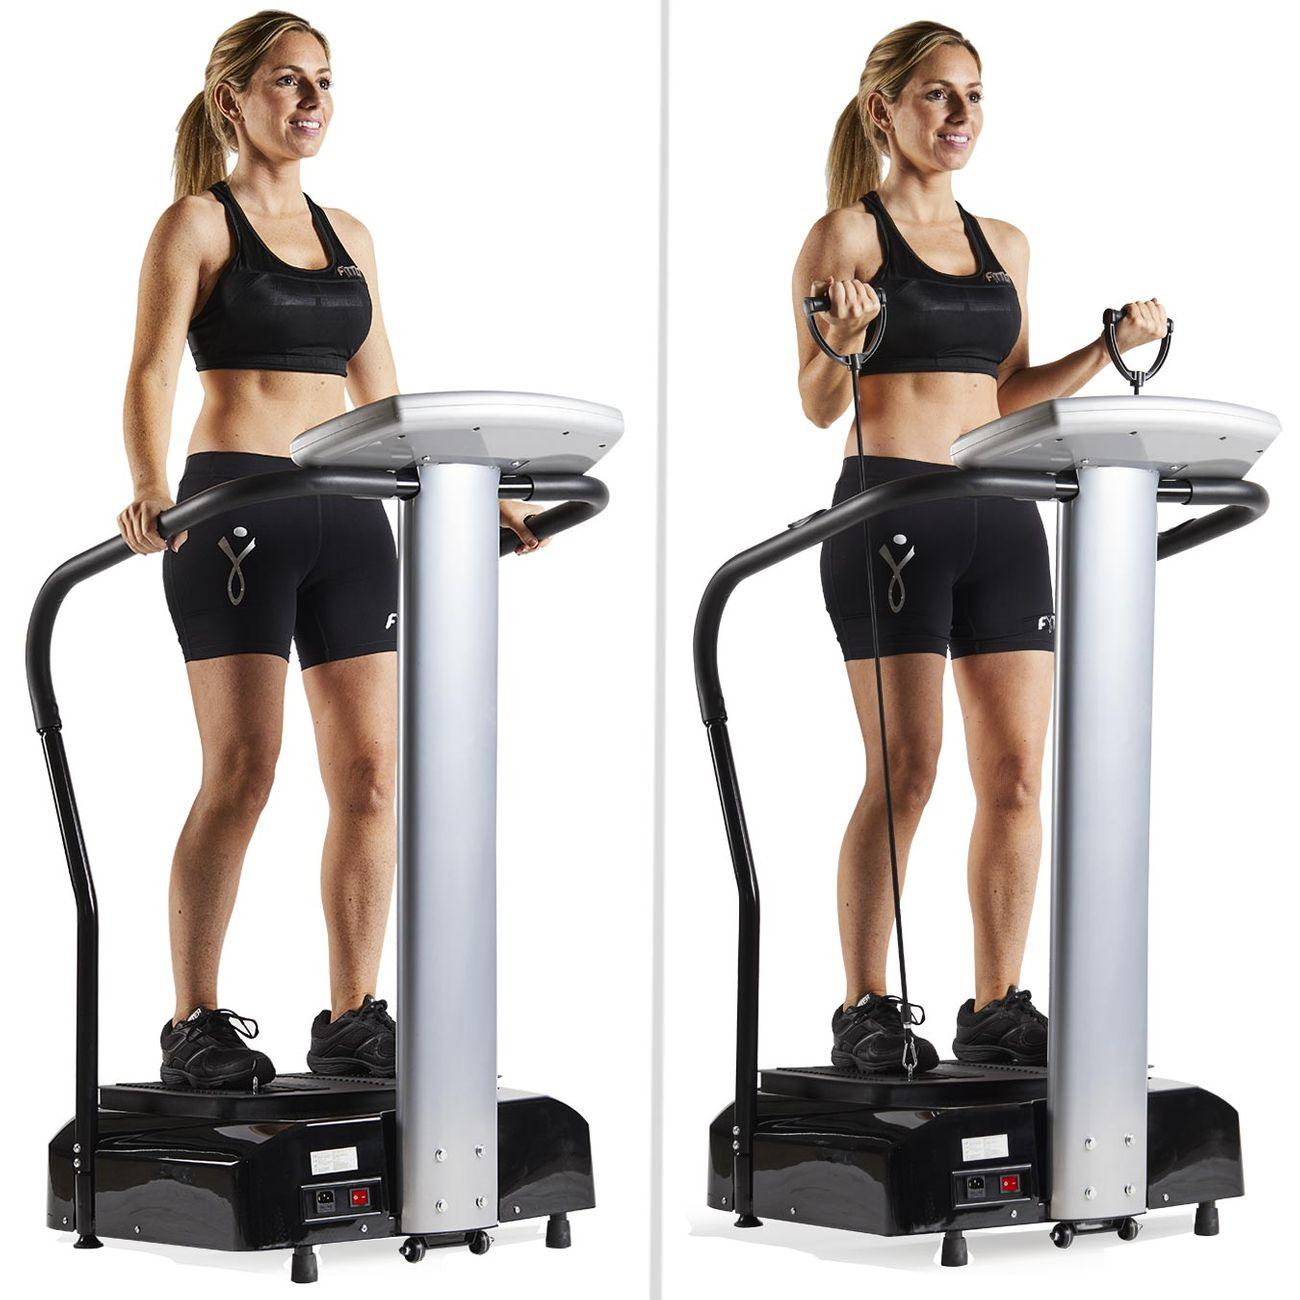 Musculation  FYTTER Fytter Vital Gold II